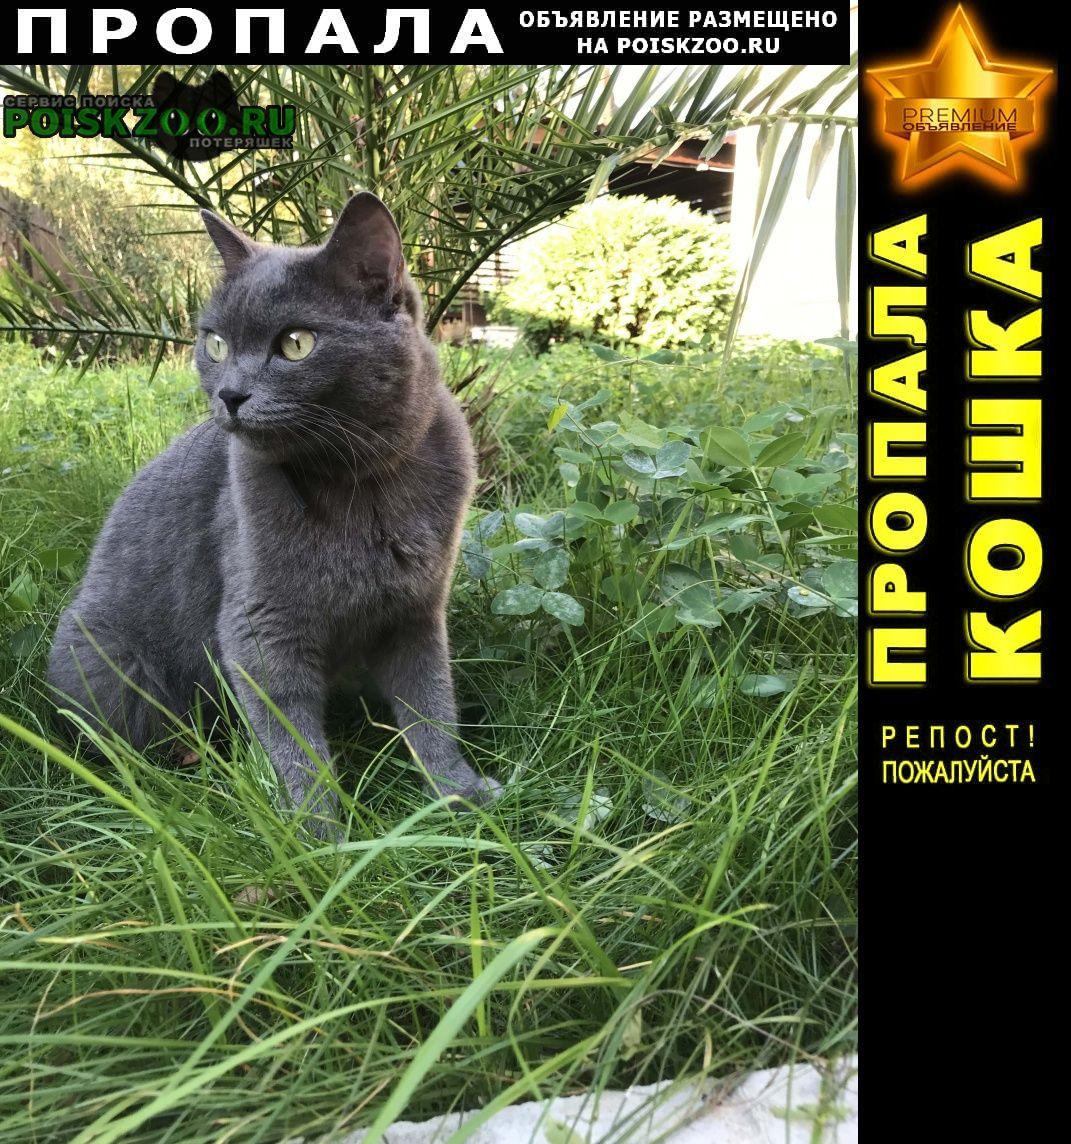 Пропала кошка кот Сочи